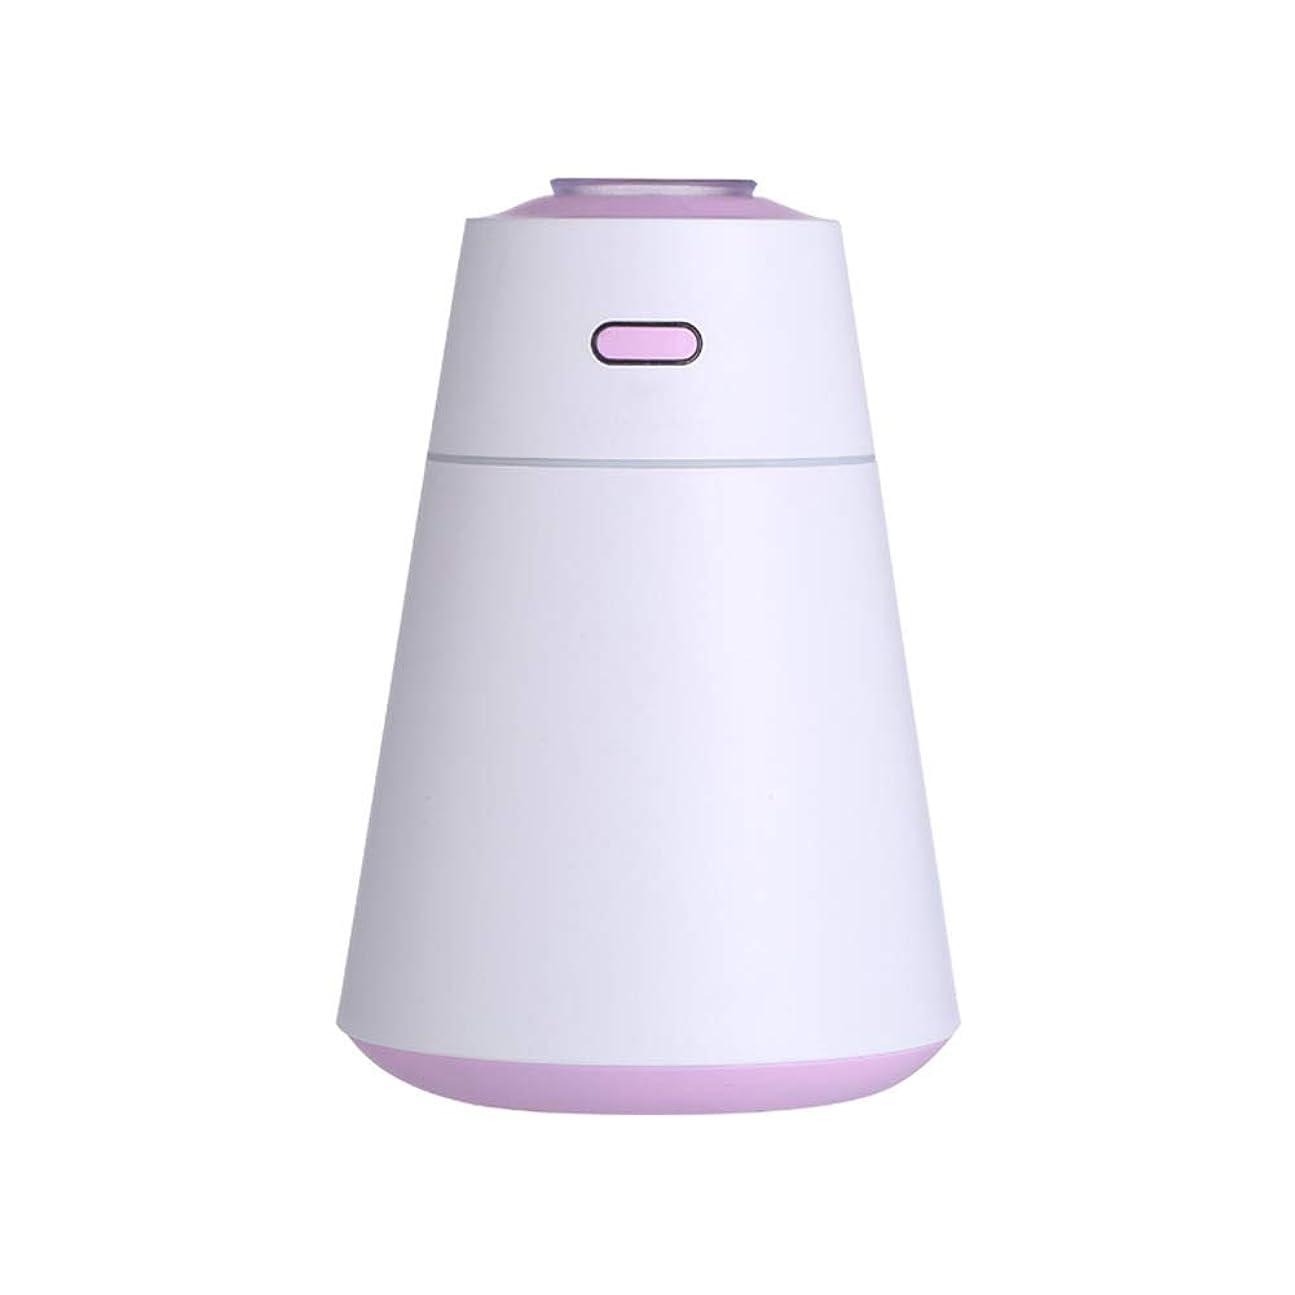 タンパク質飾る文明化する加湿器USBデスクトップ寝室加湿器クリエイティブファッションシンプルな火山加湿器超音波加湿,Pink